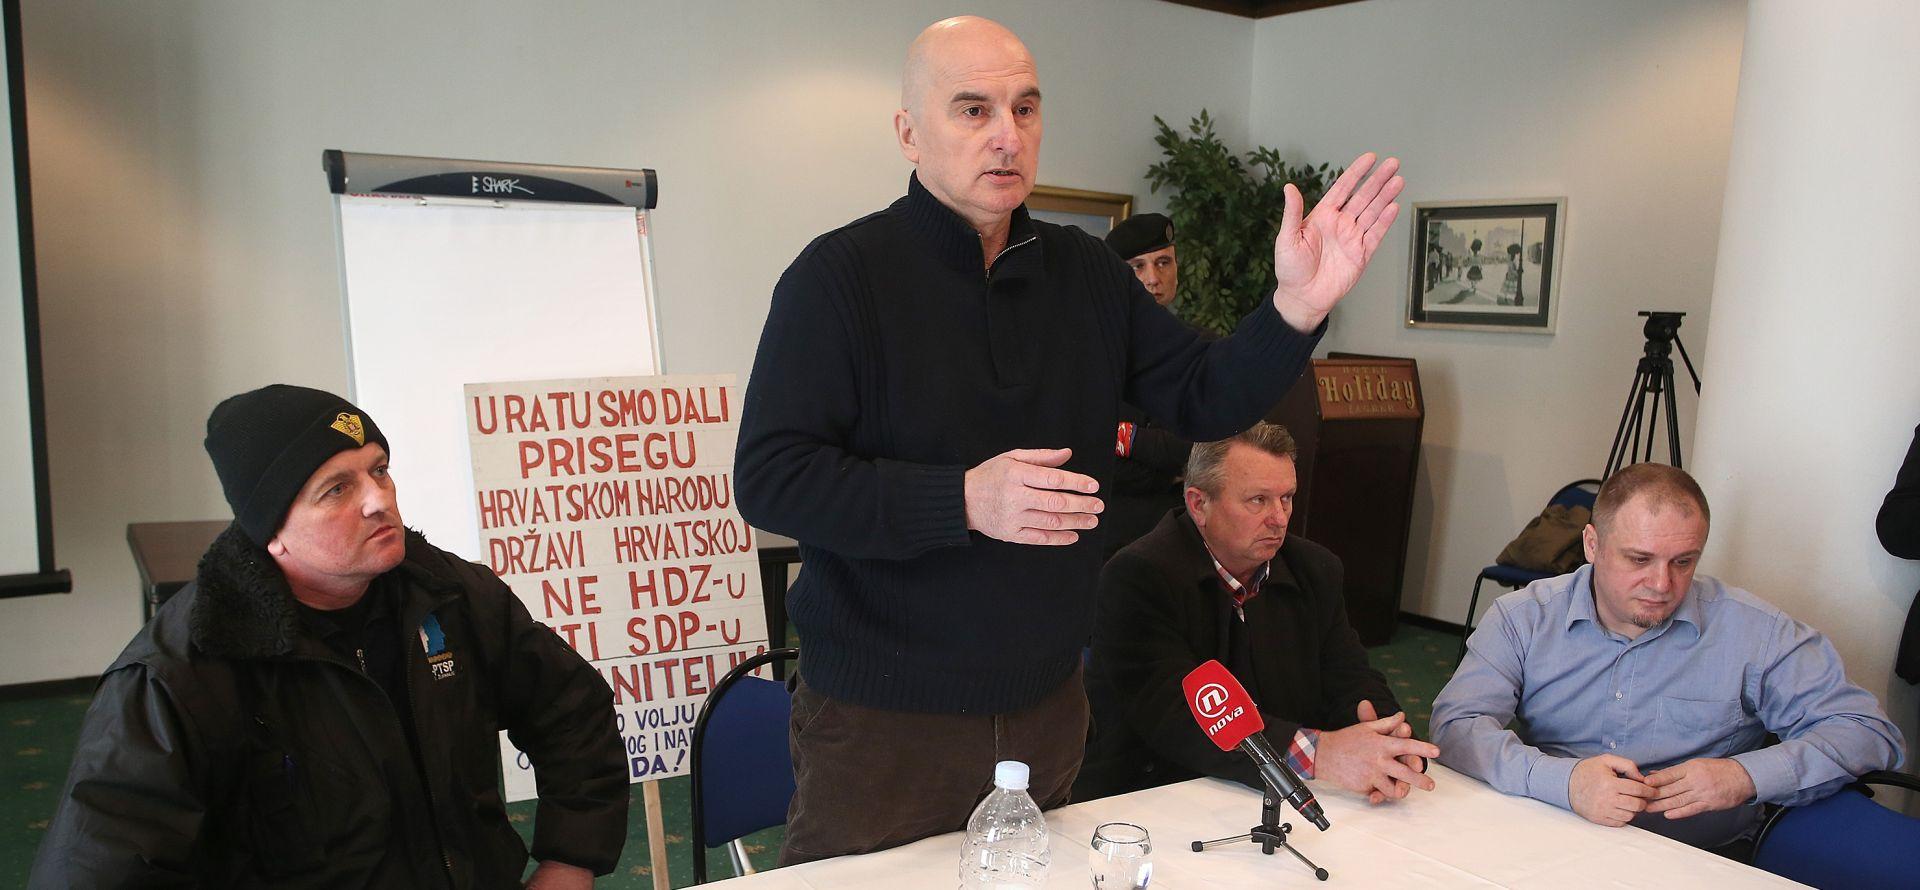 ERCEG: 'Sramotnim maršom u centru Zagreba cilj je održavanje napetosti'